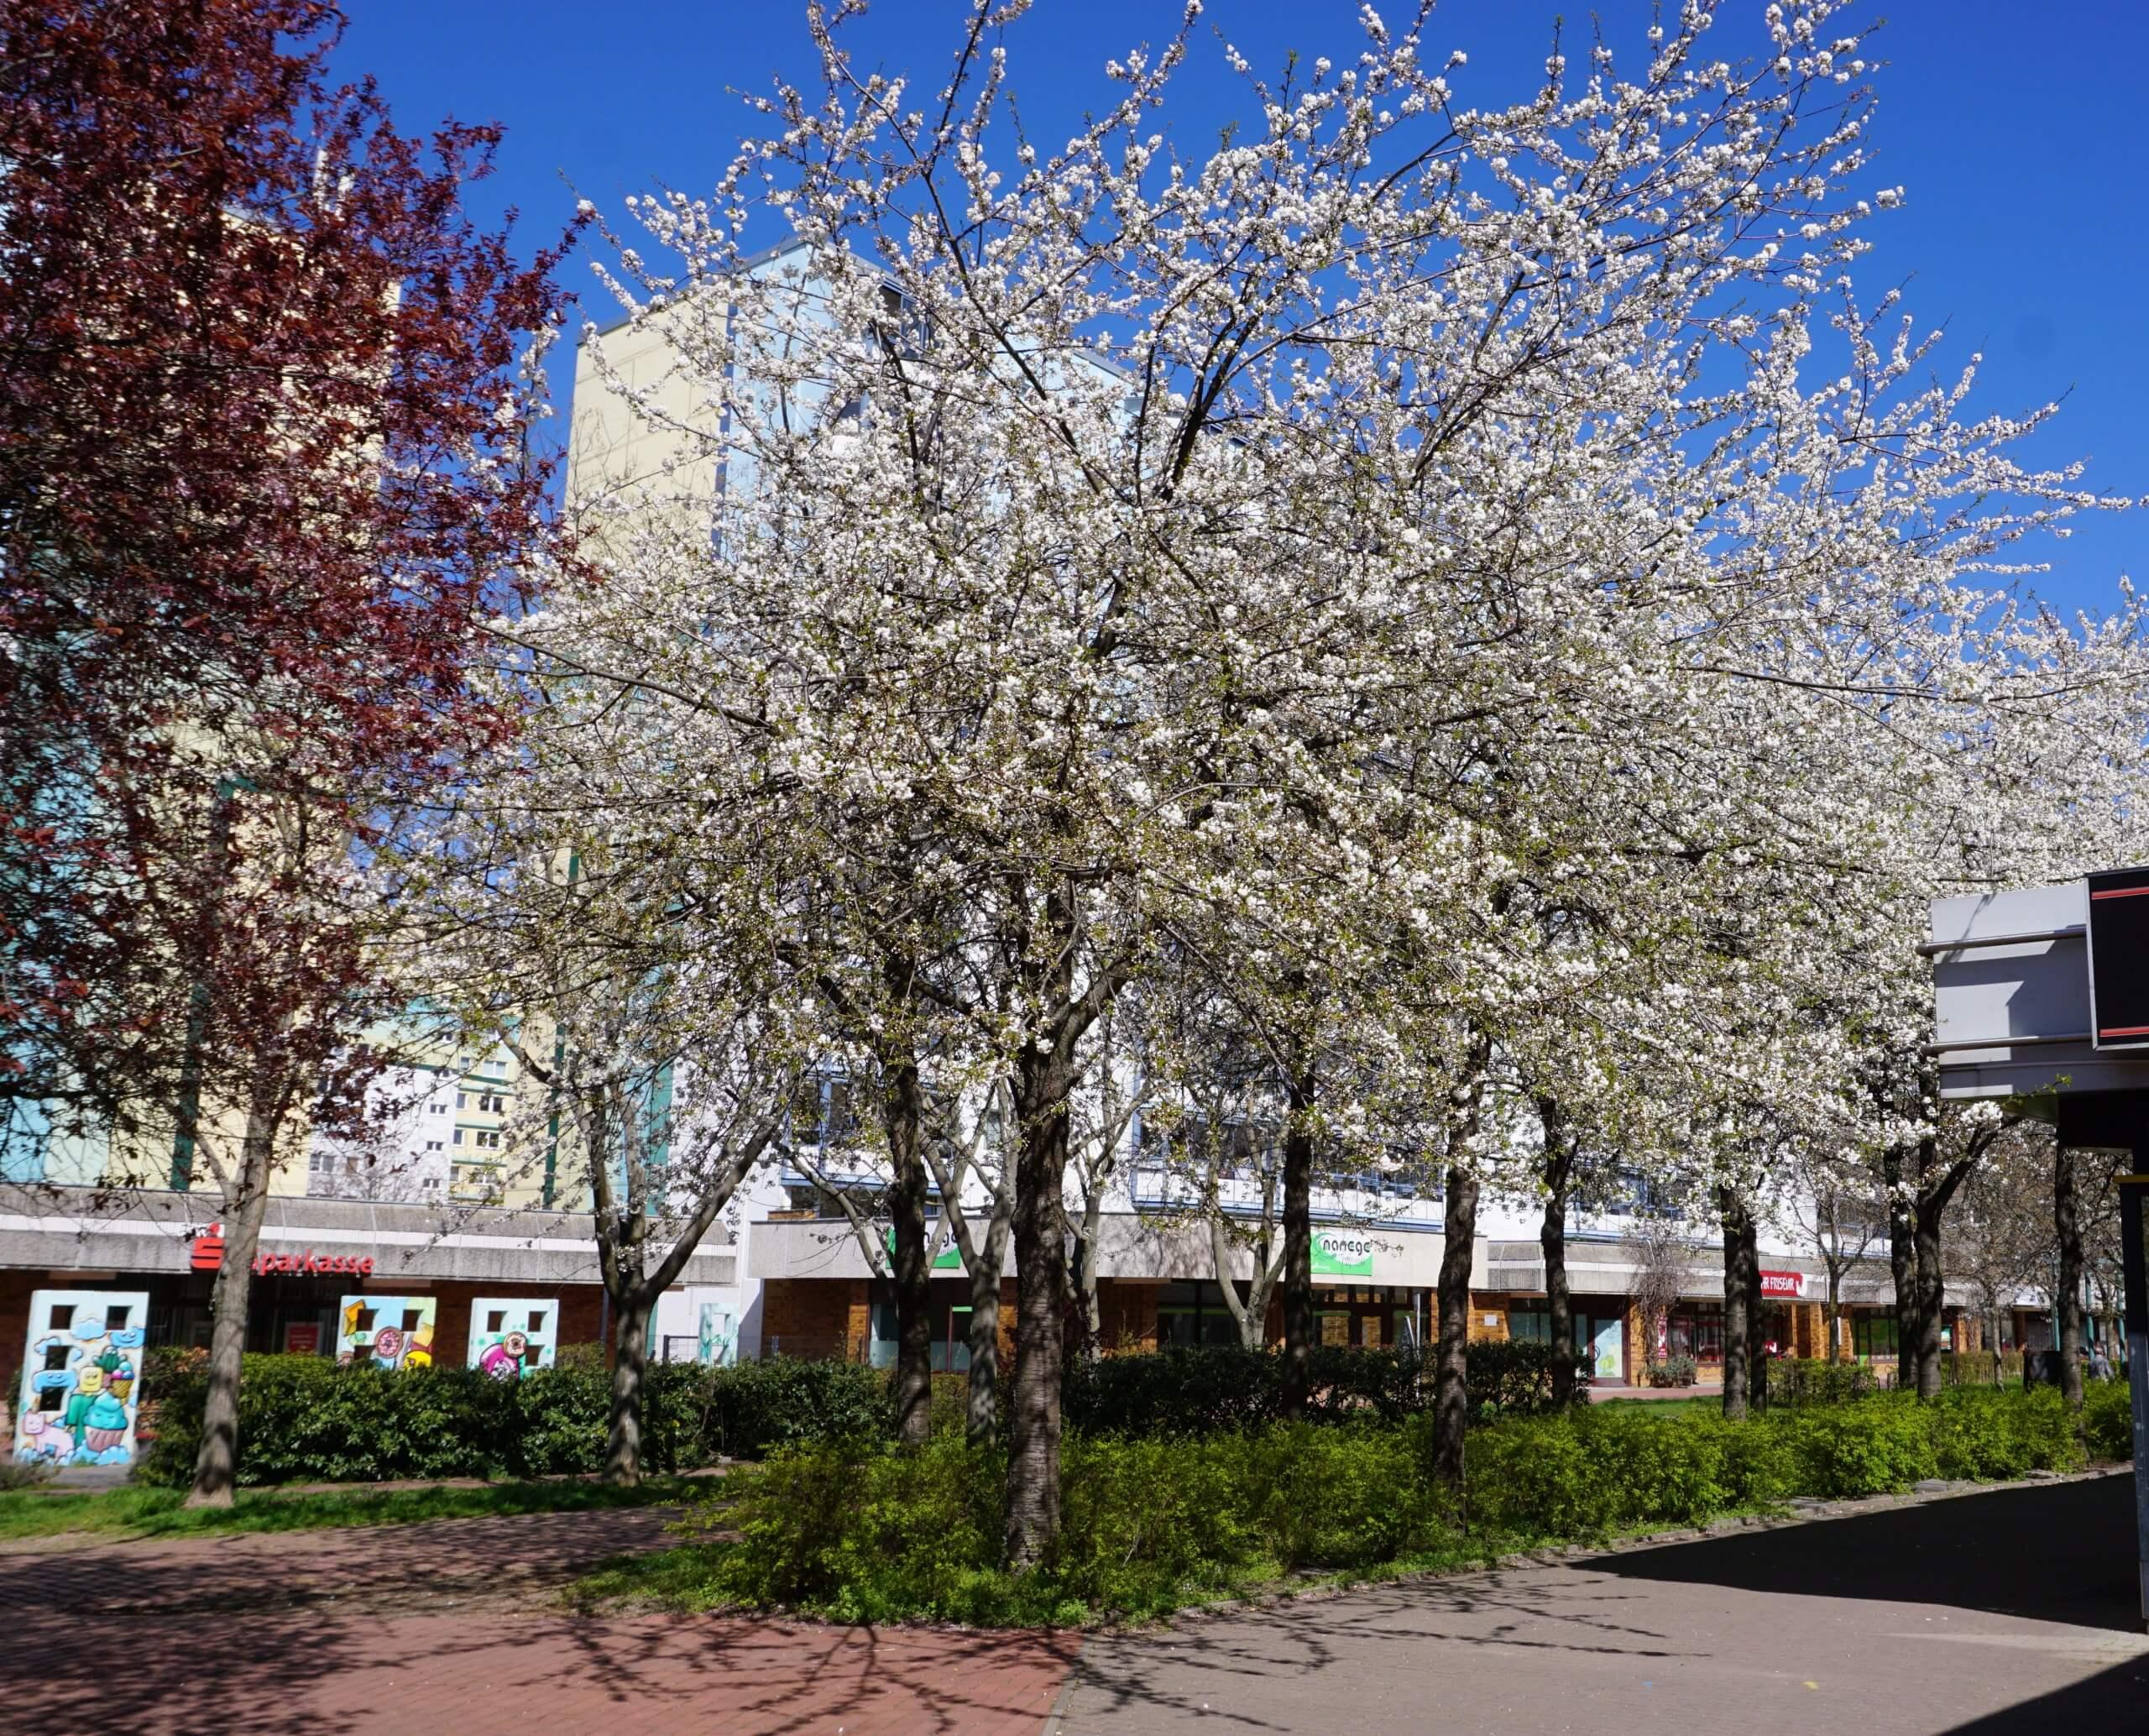 Das Bild zeigt eine Baumgruppe aus weißblühenden Grannenkirschen bzw. Japanischen Blütenkirschen in der zentralen Ladenpassage des Kosmosviertels, Ende April 2021.